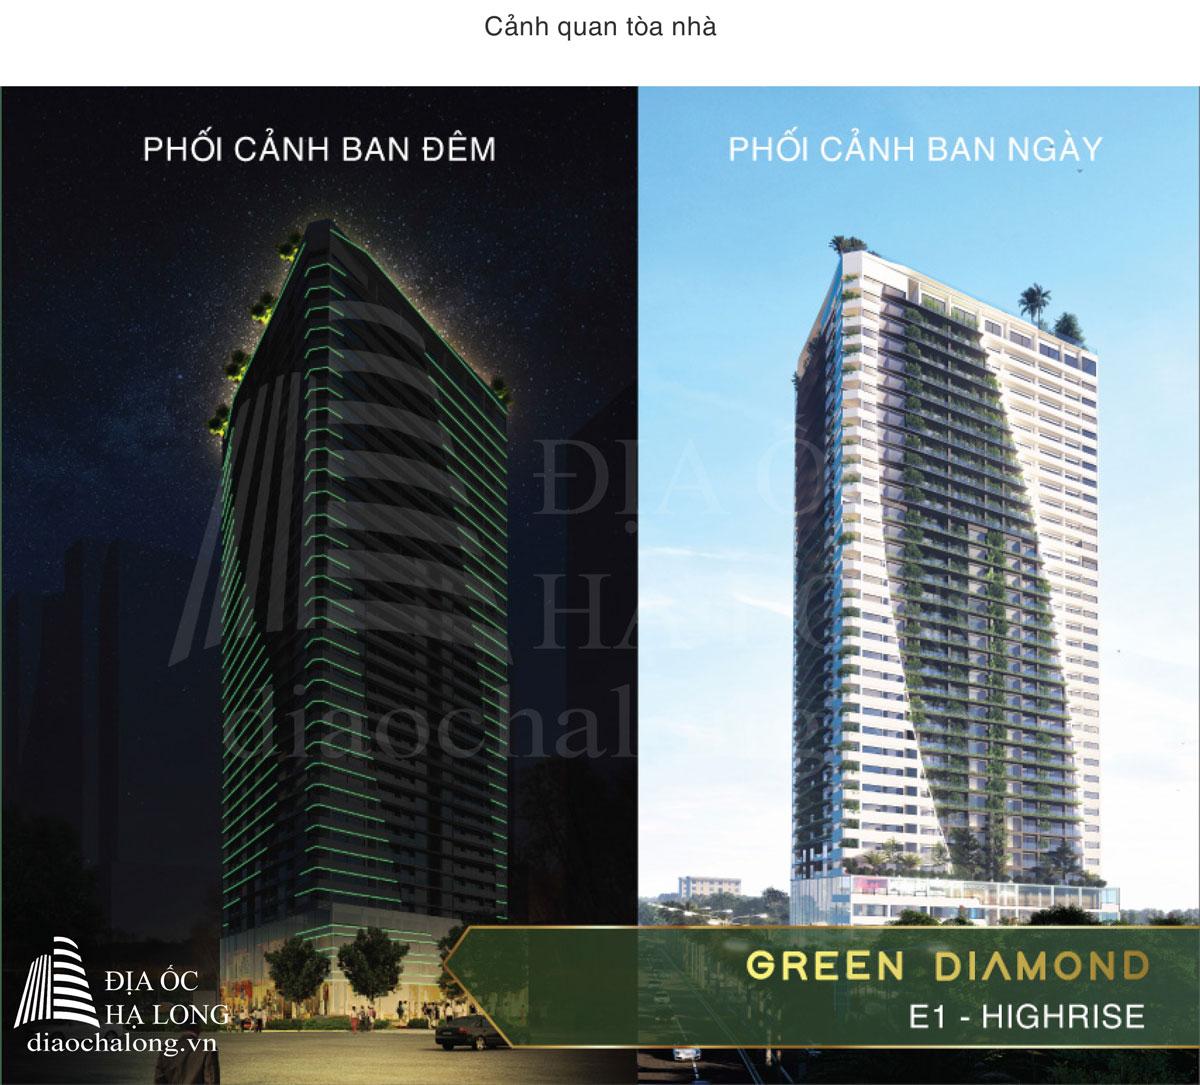 Cảnh quan tòa nhà Green Diamond Hạ Long